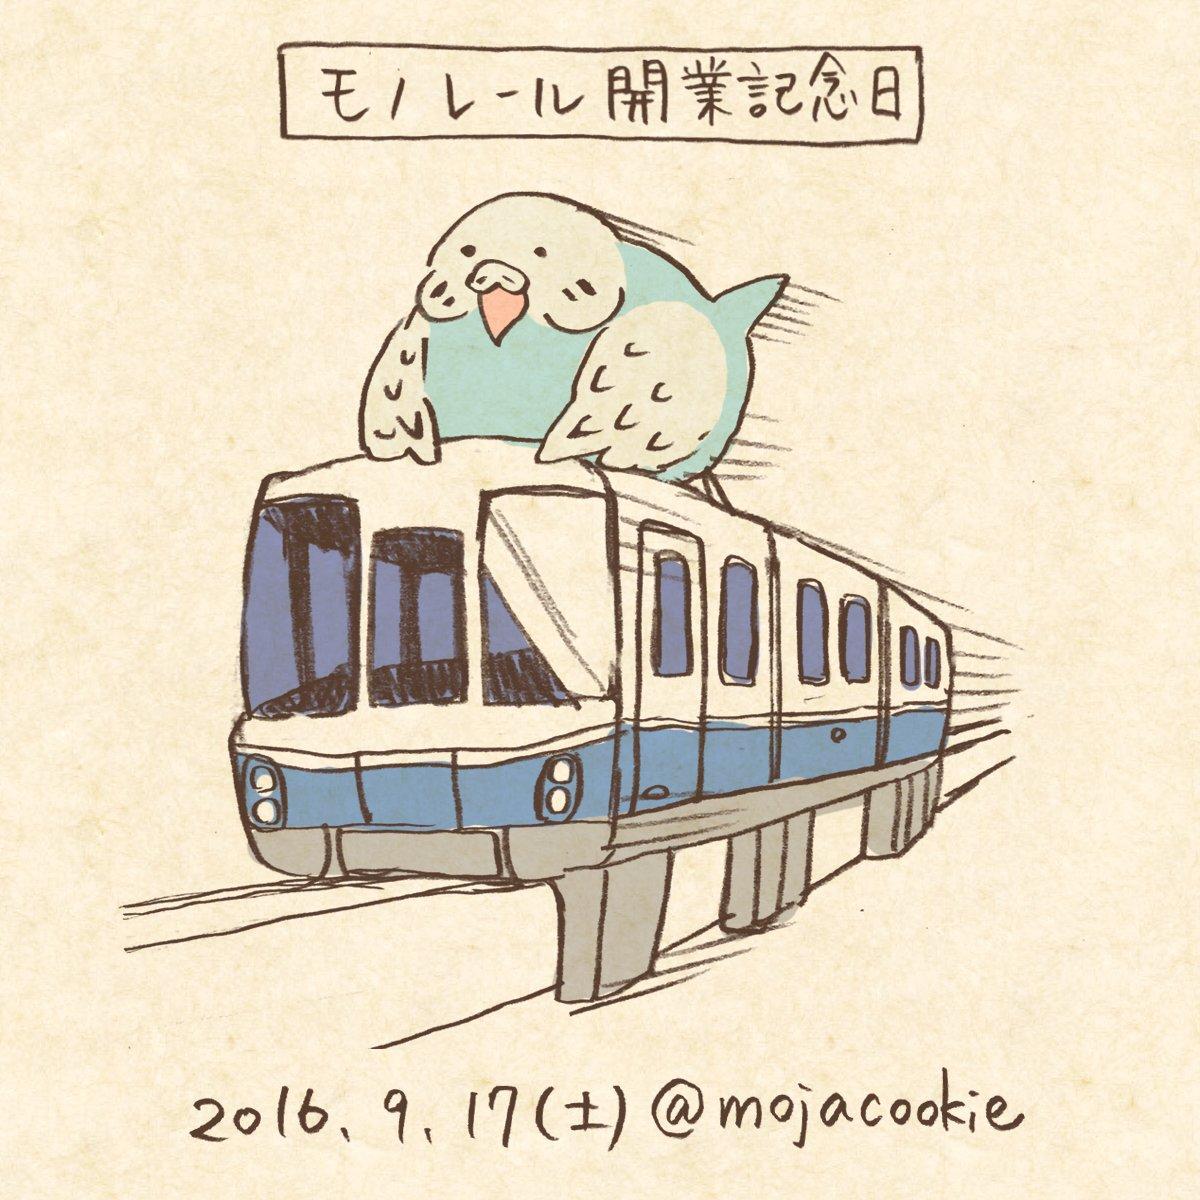 モノレール開業記念日 hashtag on Twitter